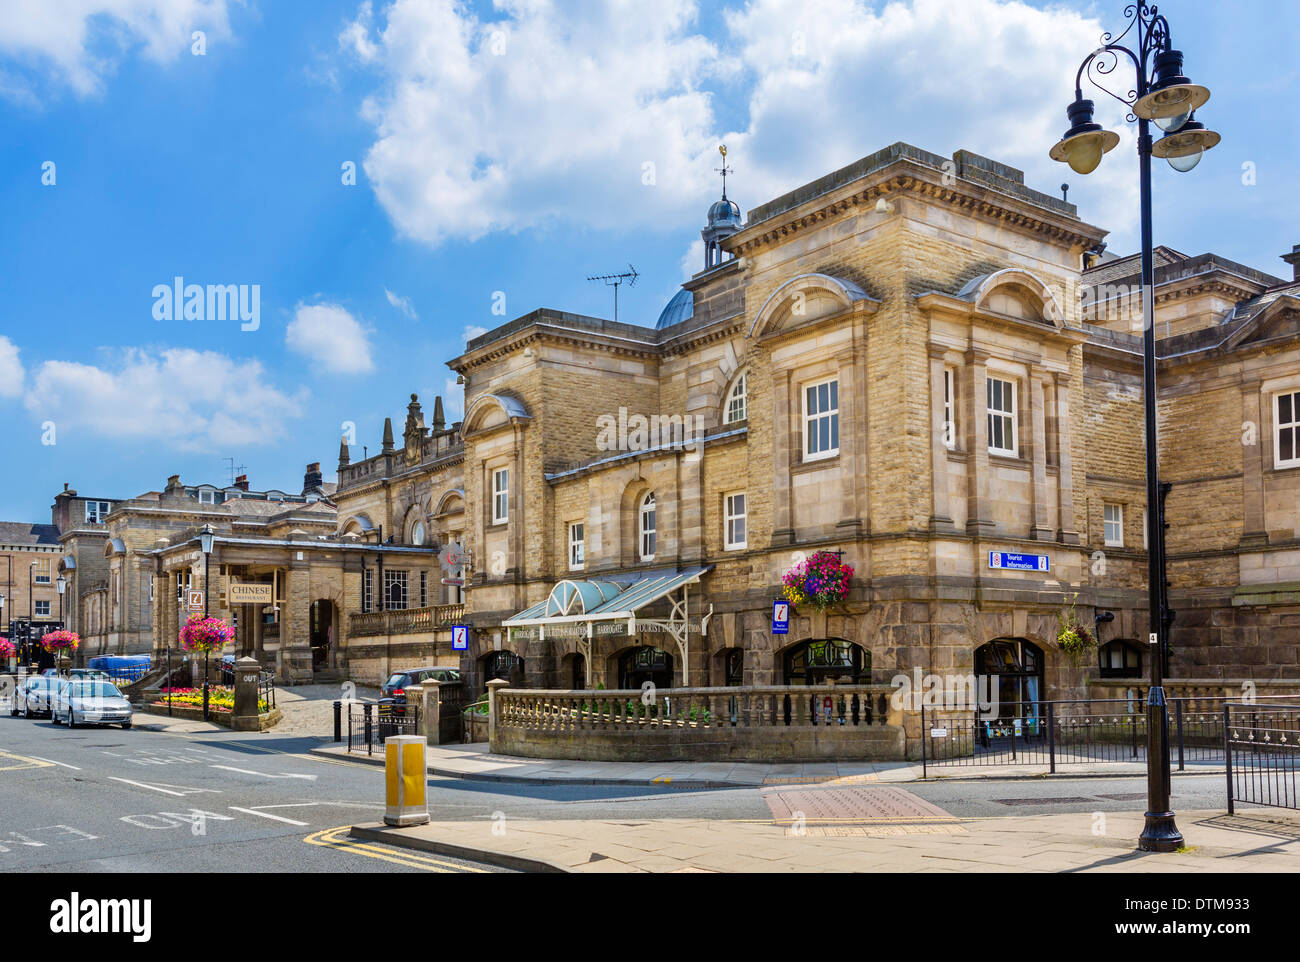 Les bâtiments des Thermes royaux, Harrogate, North Yorkshire, England, UK Photo Stock